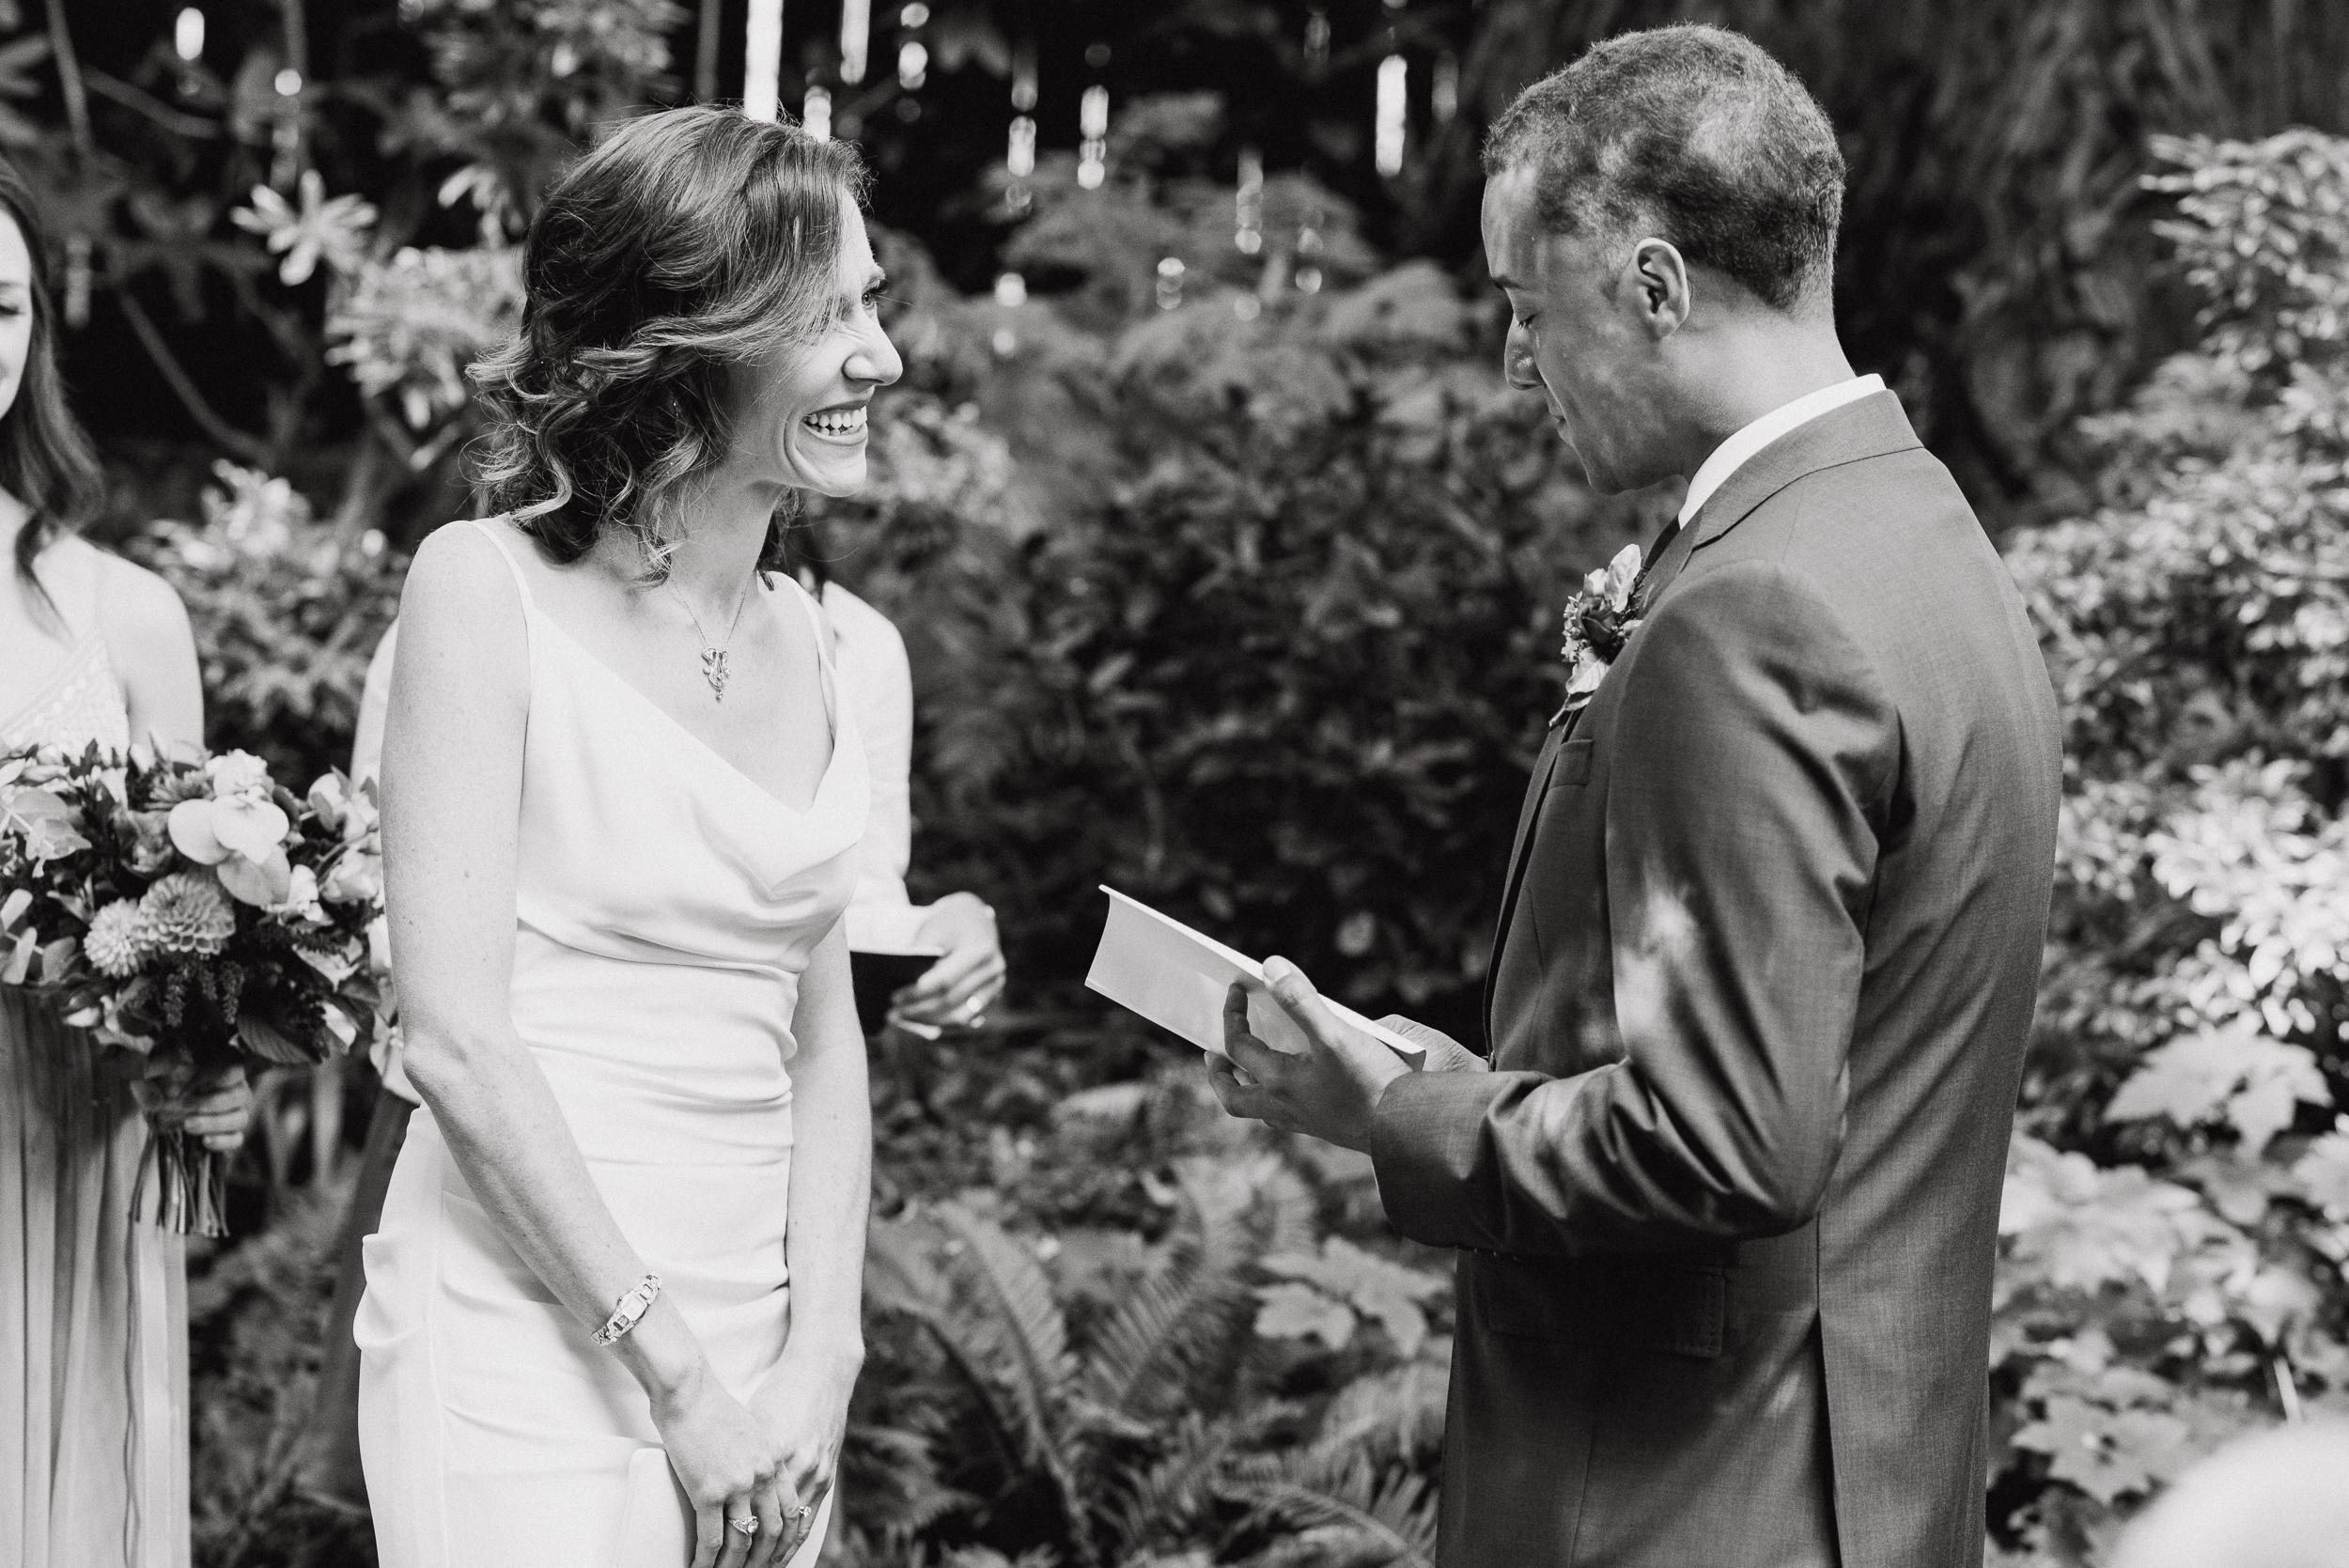 32-outdoor-art-club-wedding-vivianchen-228.jpg